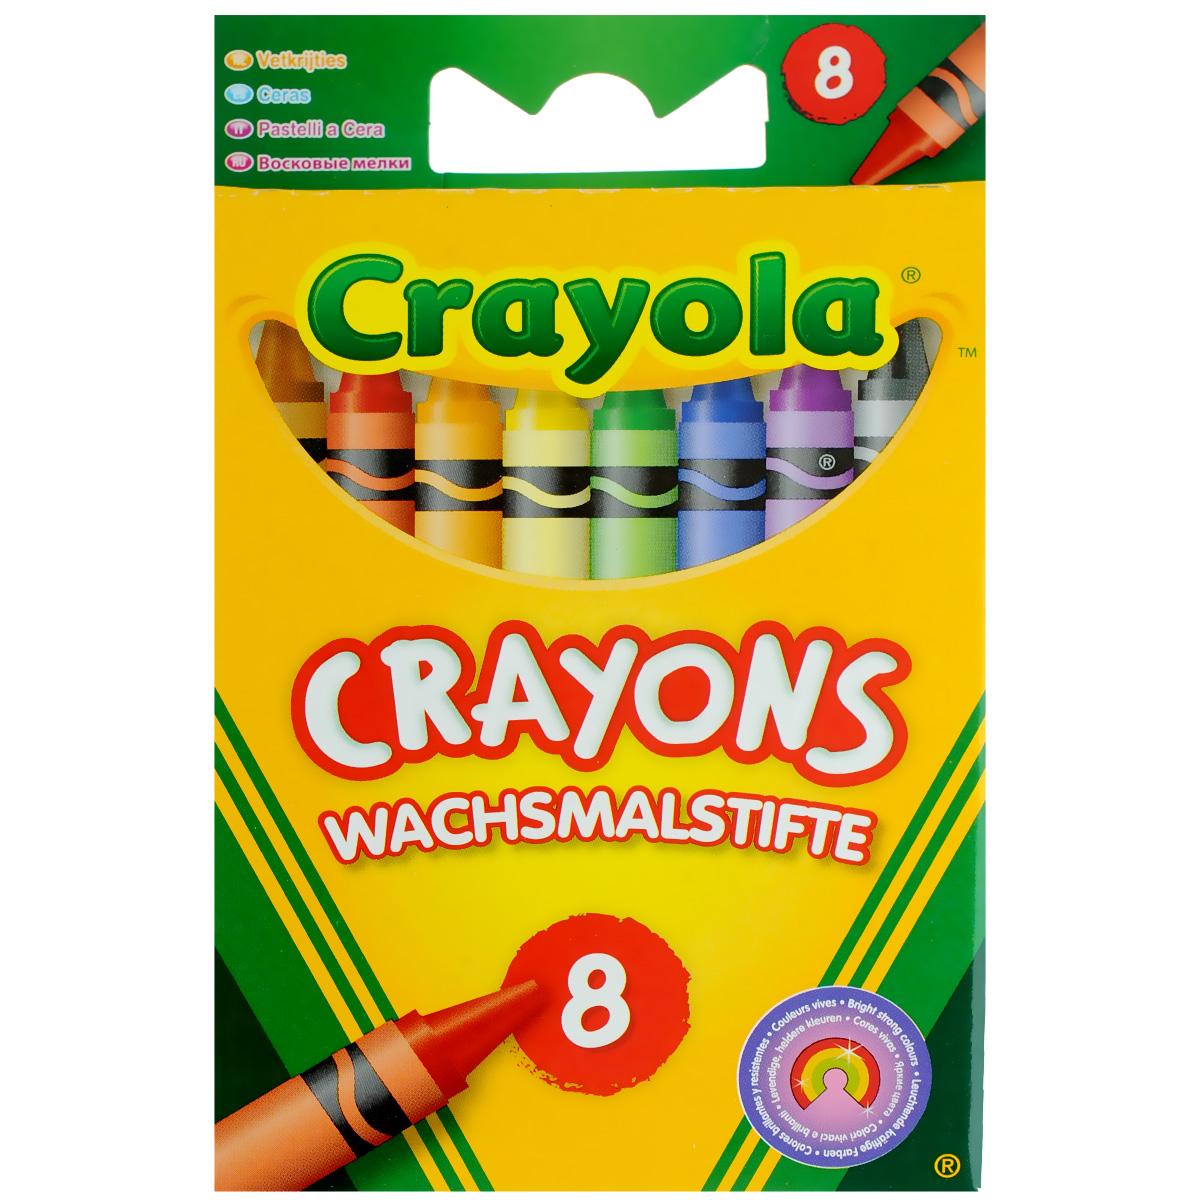 Восковые мелки Crayola, 8 шт0008Восковые мелки Crayola откроют юным художникам новые горизонты для творчества, а также помогут отлично развить мелкую моторику рук, цветовое восприятие, фантазию и воображение. Восковые мелки предназначены для рисования по бумаге и являются альтернативой привычным цветным карандашам. Они изготовлены из натурального пчелиного воска с добавлением растительных красок, поэтому безвредны для ребенка, даже если он попробует их на вкус.В набор входят 8 восковых мелков синего, фиолетового, черного, коричневого, желтого, зеленого, красного и оранжевого цветов. Мелки обернуты в бумажную гильзу, что позволит сохранить руки ребенка чистыми.